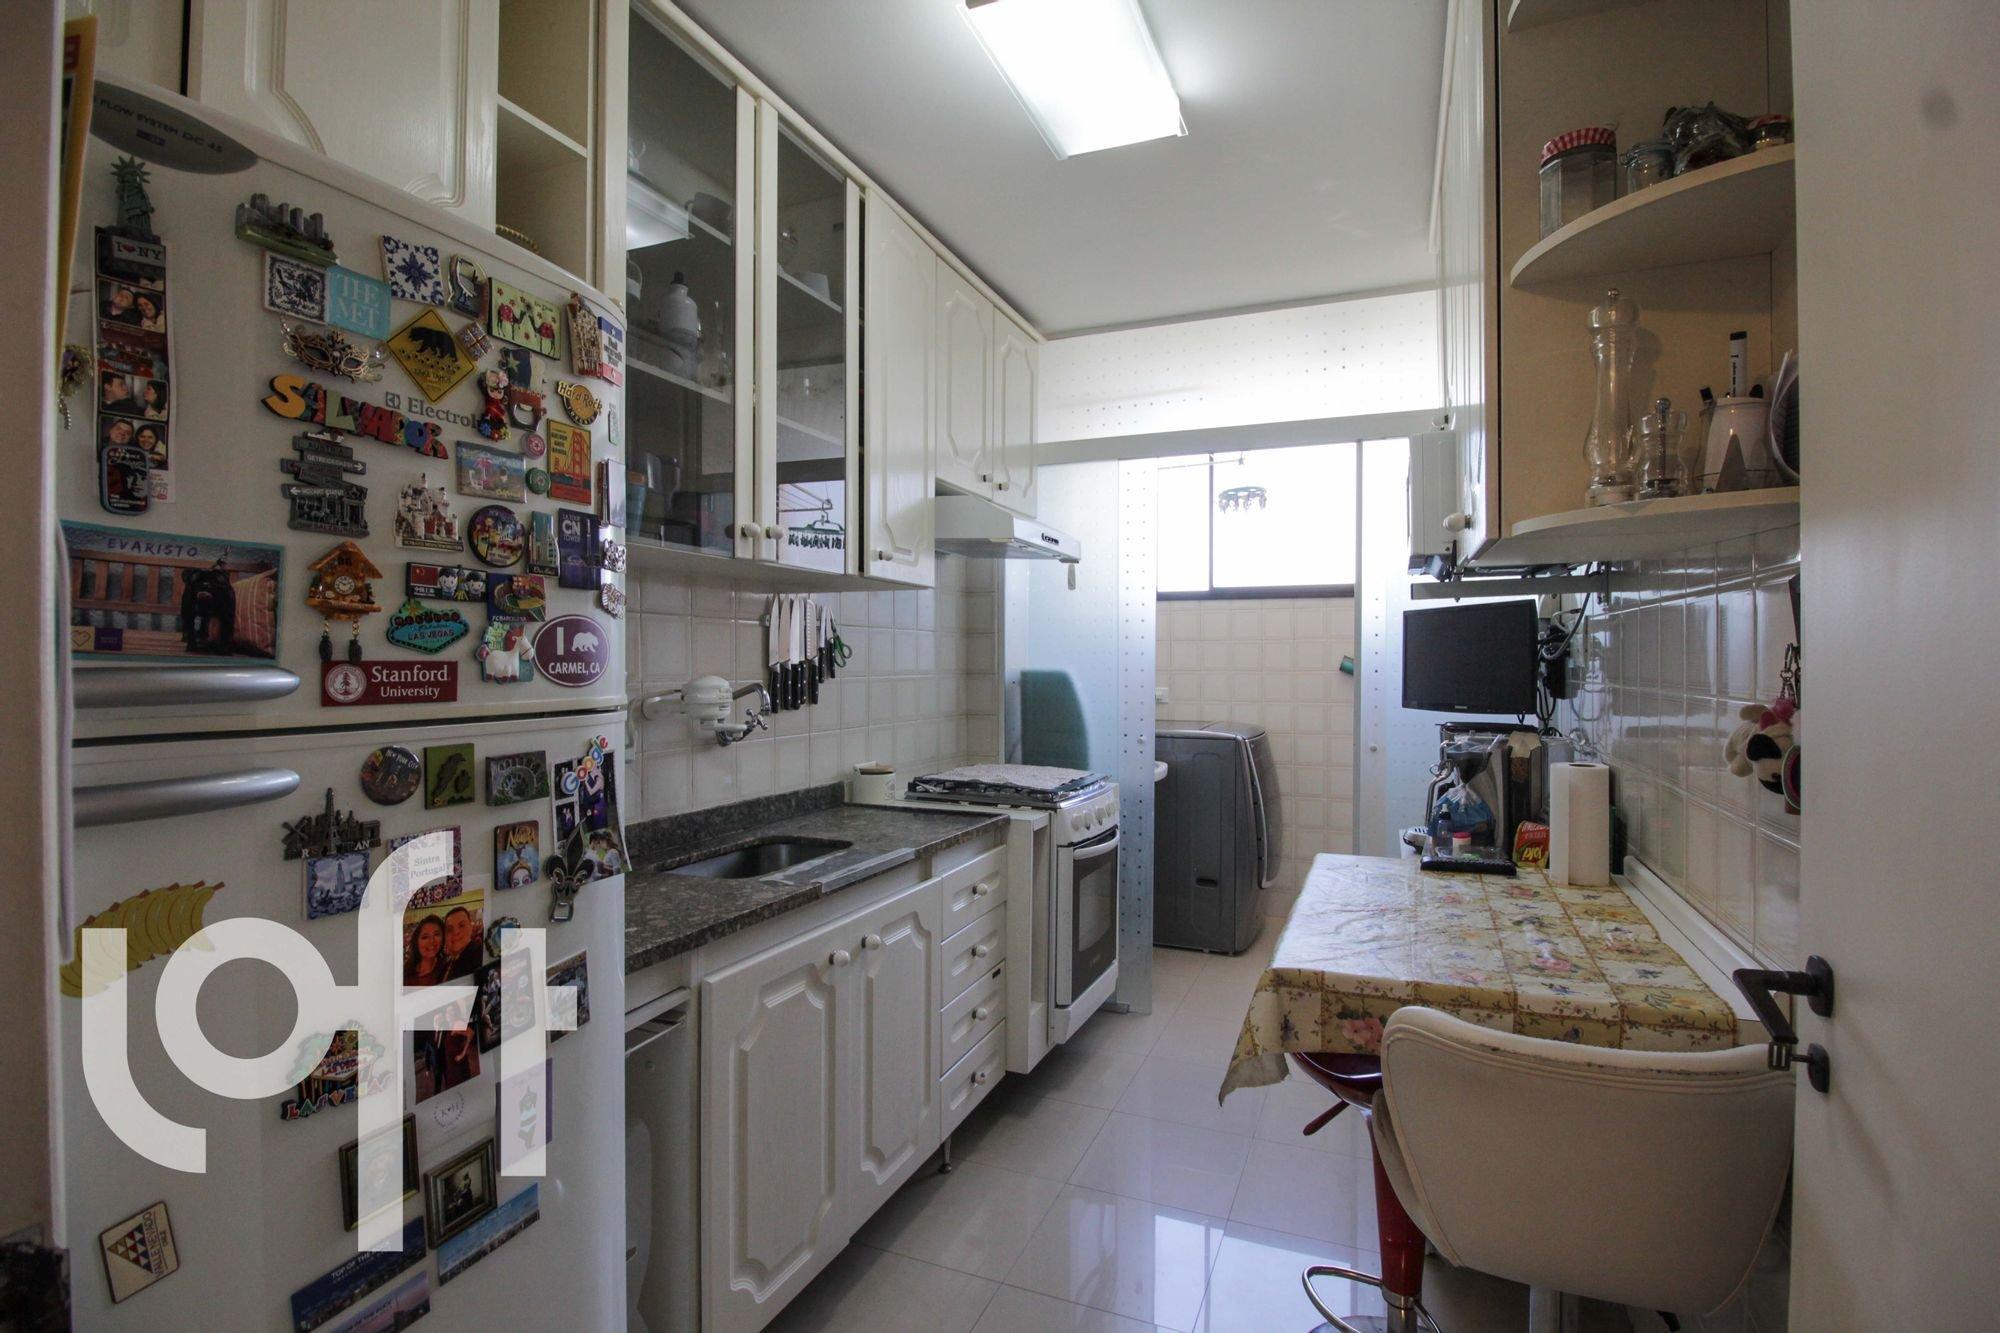 Foto de Cozinha com faca, garrafa, forno, geladeira, cadeira, pia